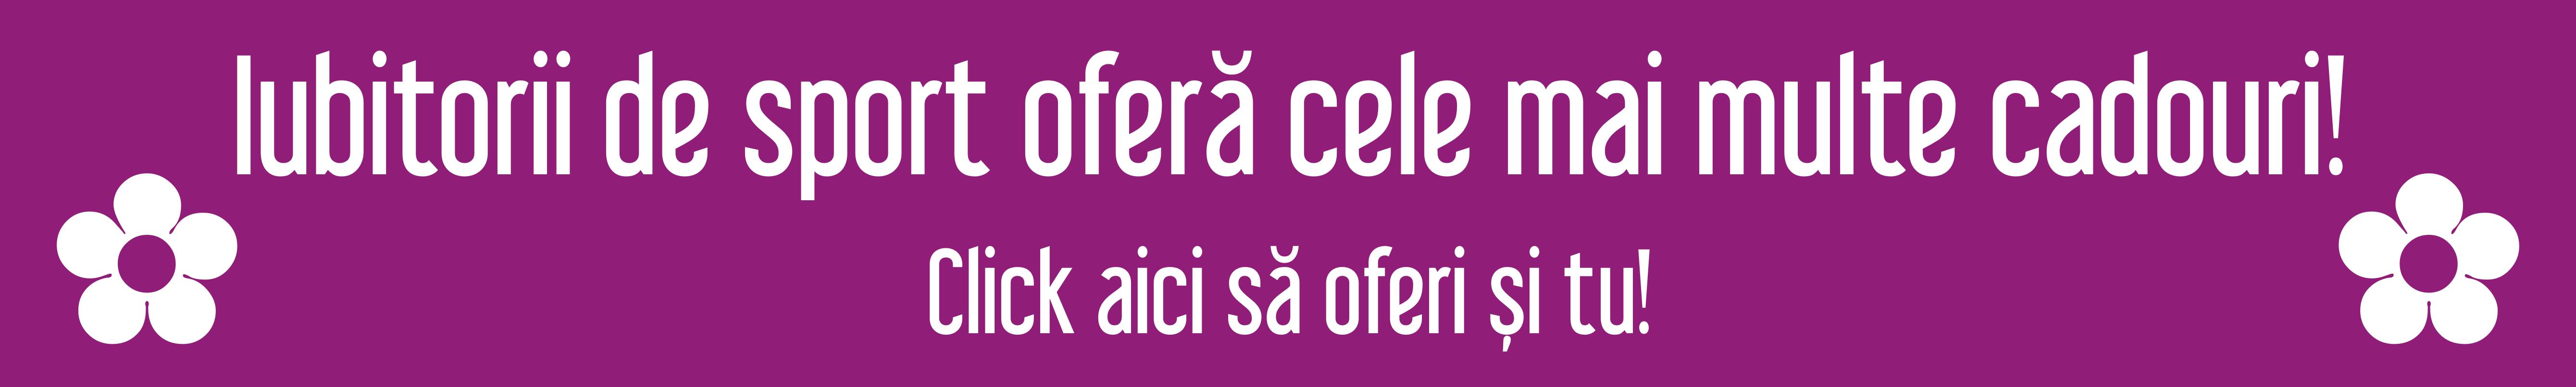 Cadoria